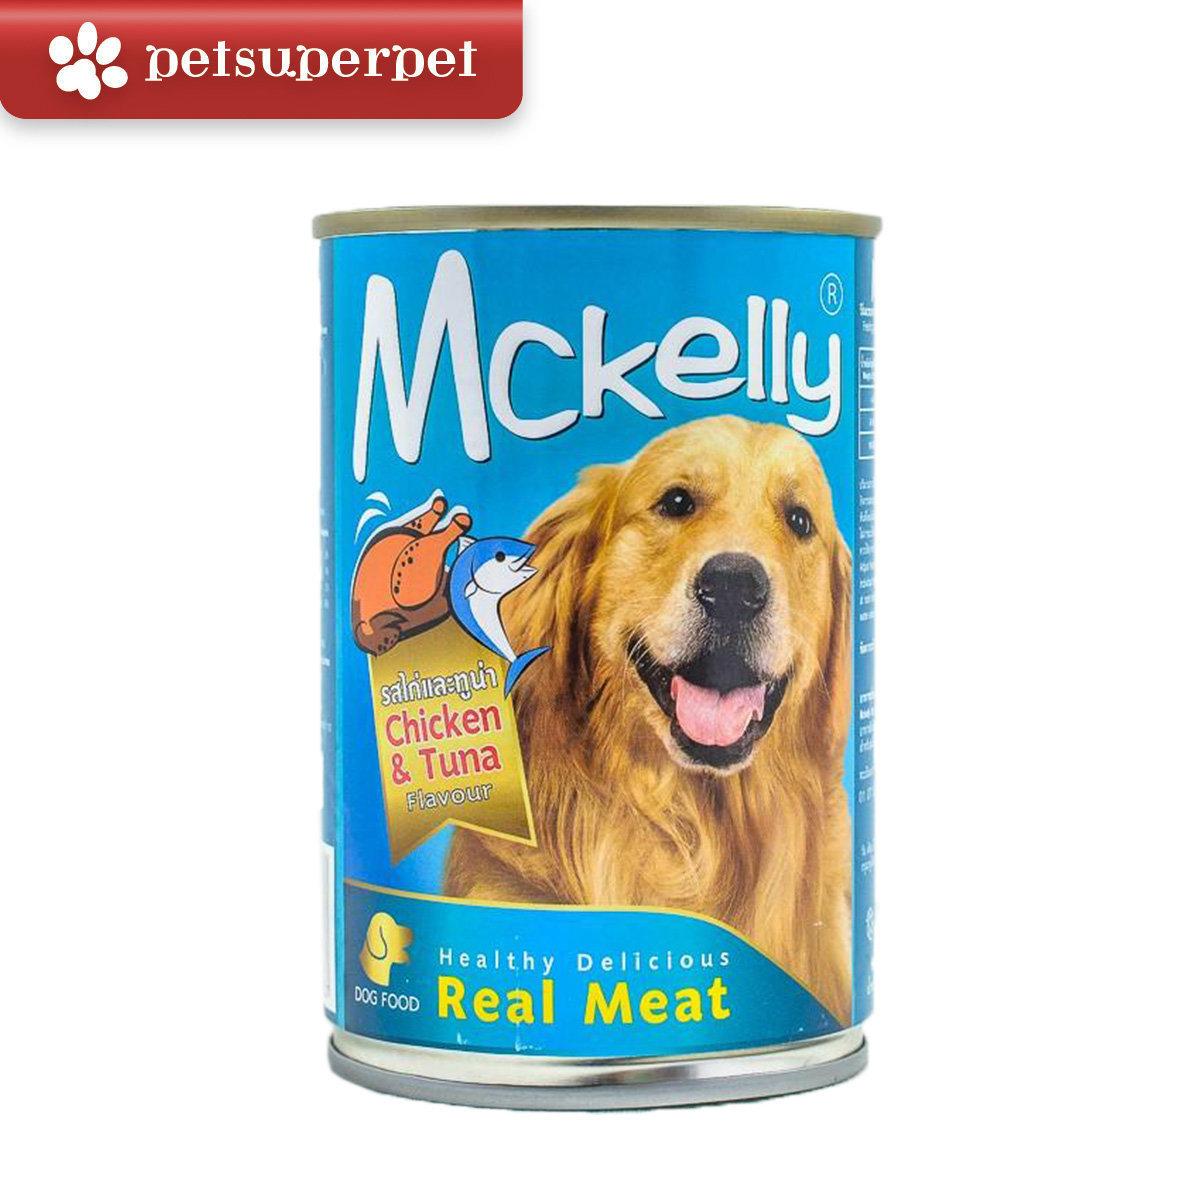 Dog Food Chicken & Tuna Flavor 400g